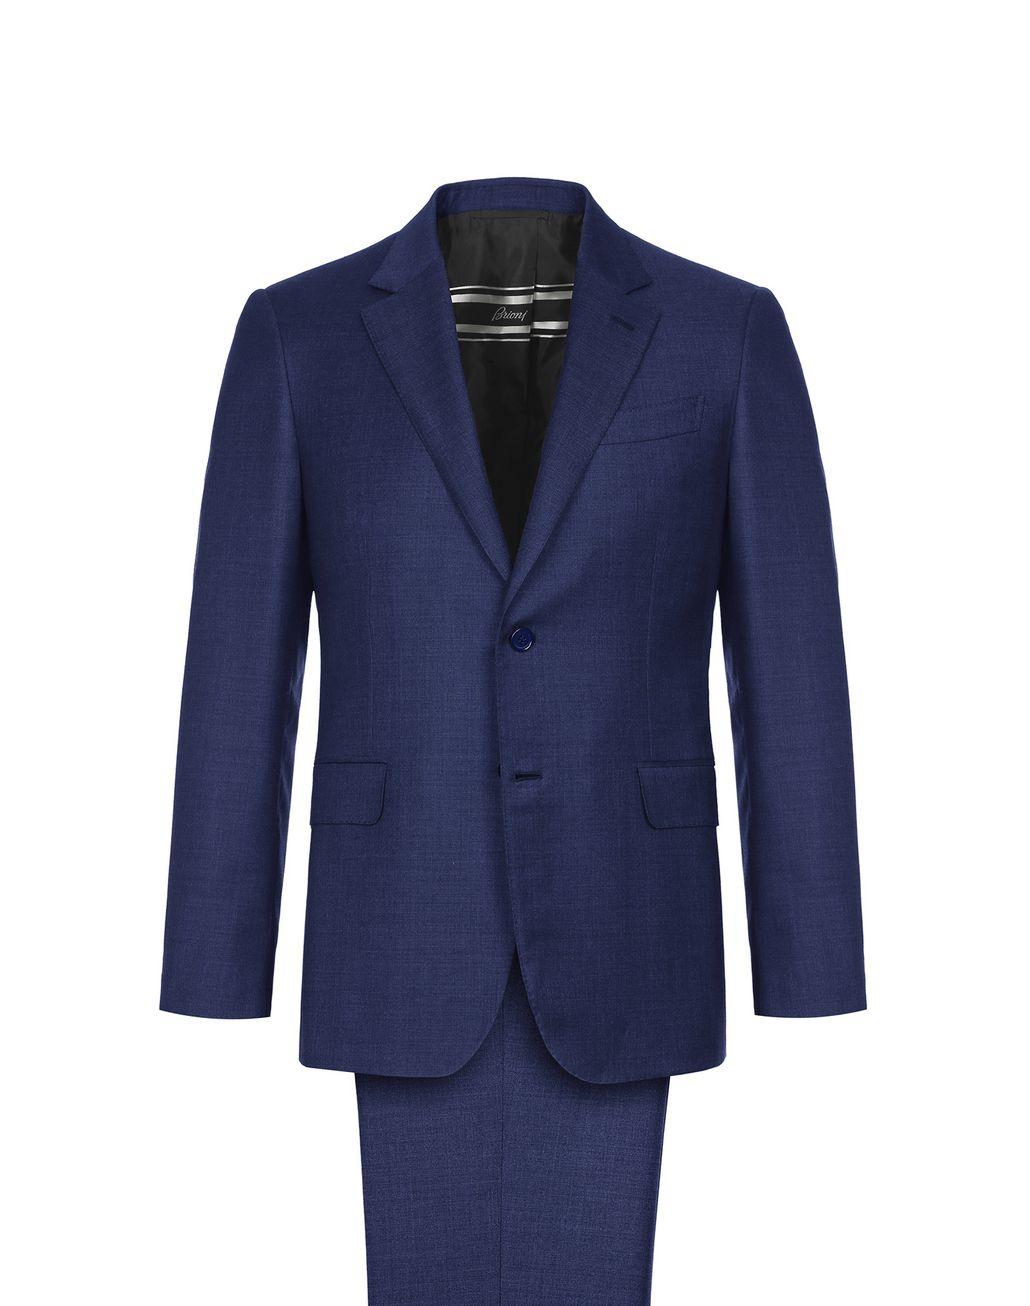 BRIONI Costume Primo Bleu Roi Suits & Jackets Homme f